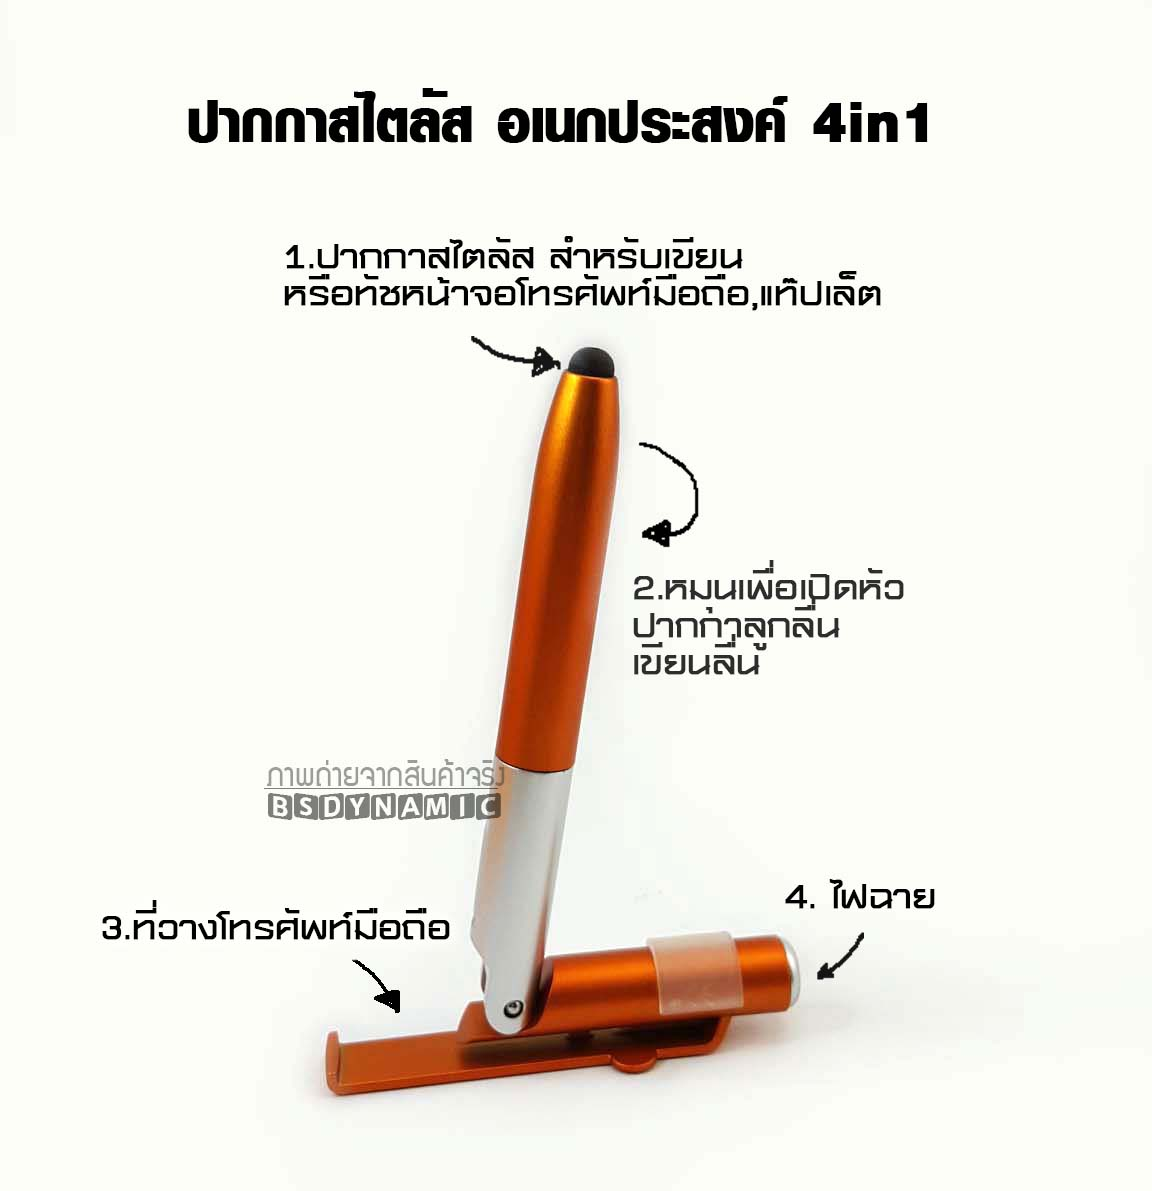 ปากกาสไตลัสอเนกประสงค์ 4 in 1 สุดคุ้ม 4 ฟังก์ชั่น ครบจบในด้ามเดียว